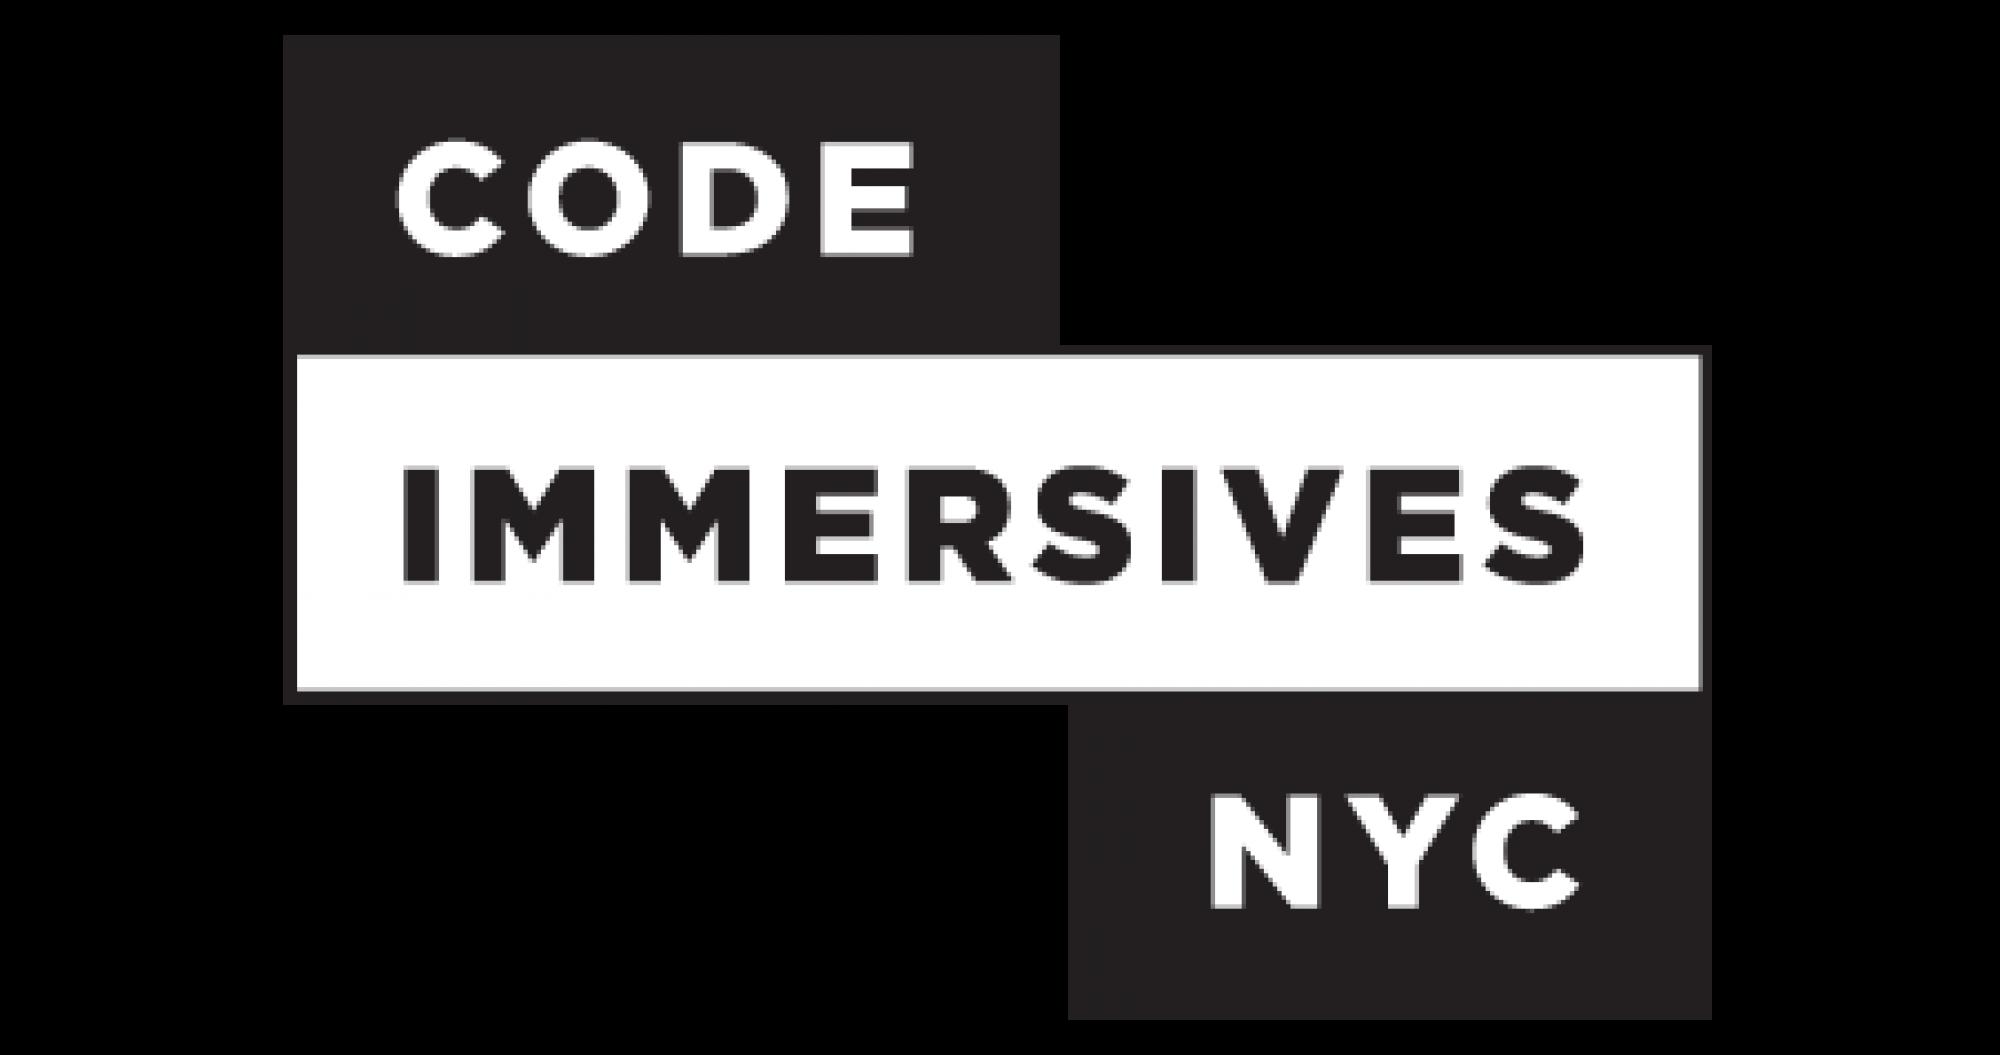 Code Immersives